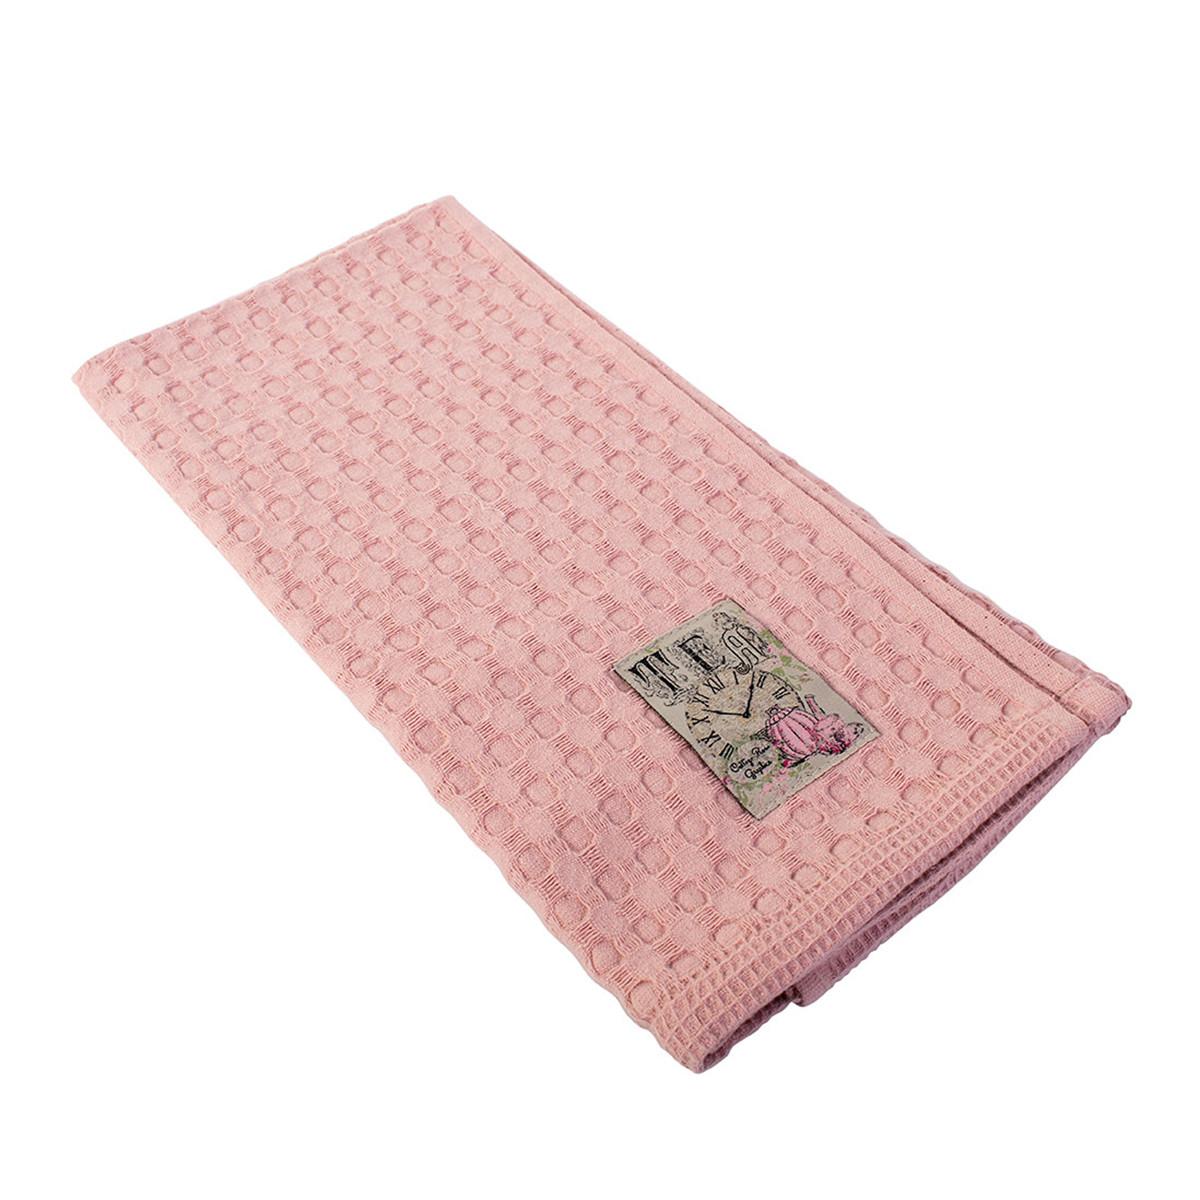 Ποτηρόπανο Dim Collection Πικέ Ροζ